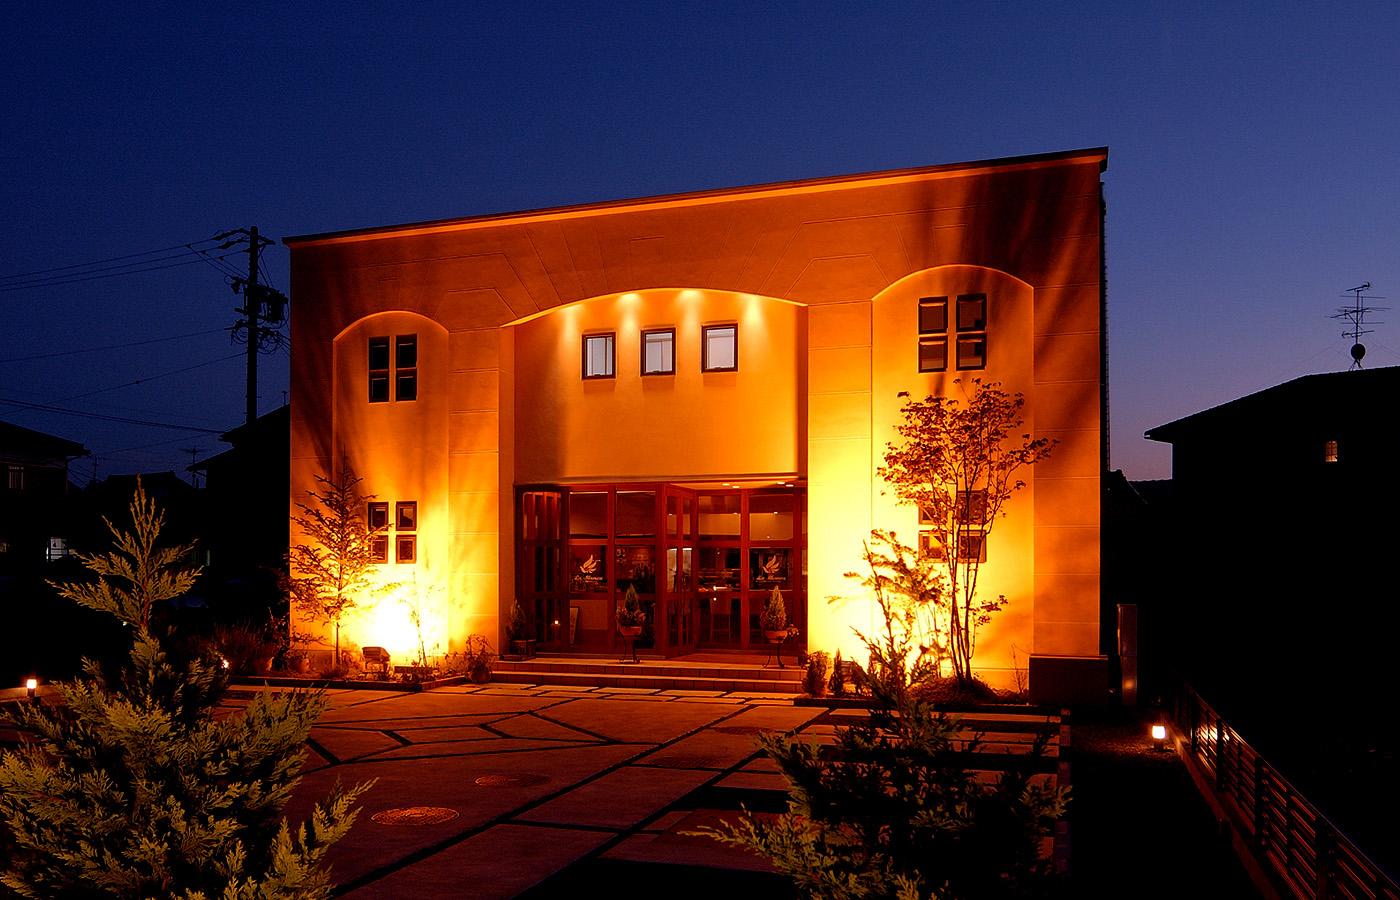 隠れ家一軒家でご褒美イタリアンは岐阜県各務原市のラマンカ